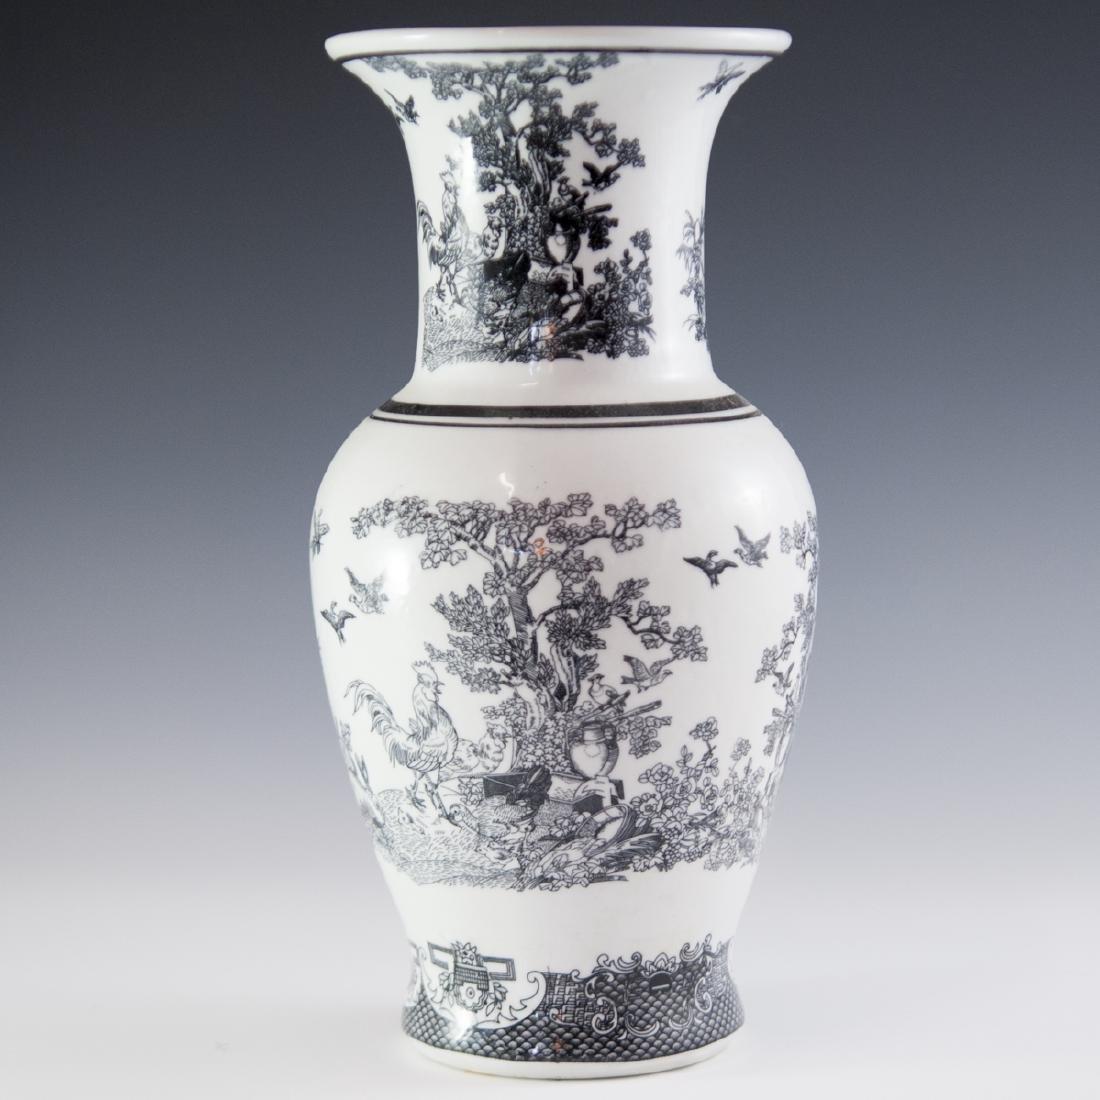 Decorative Chinese Porcelain Vase